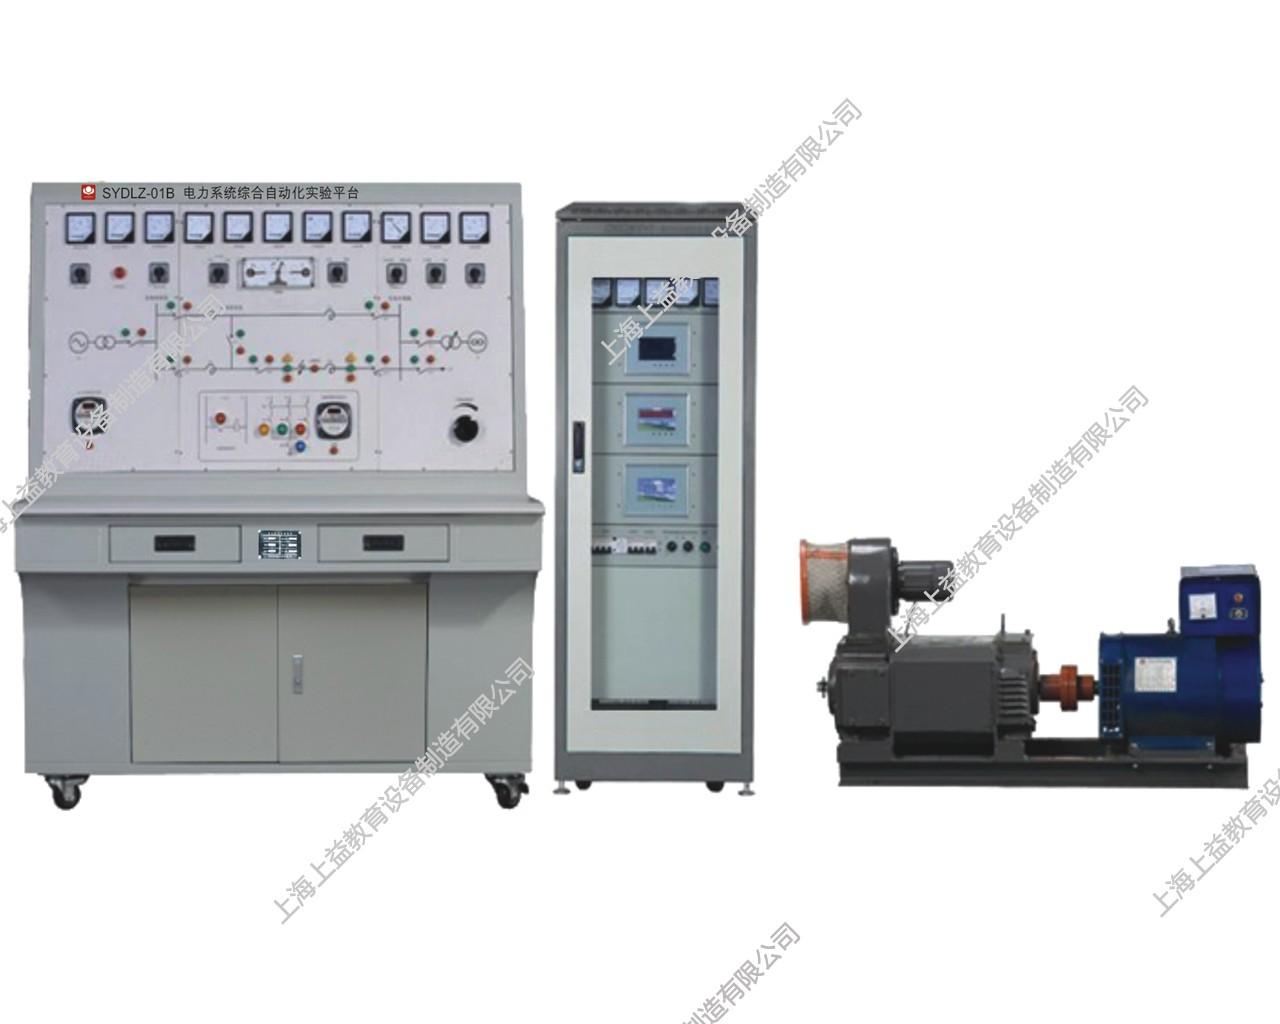 SYDLZ-01B 电力系统综合自动化实验装置